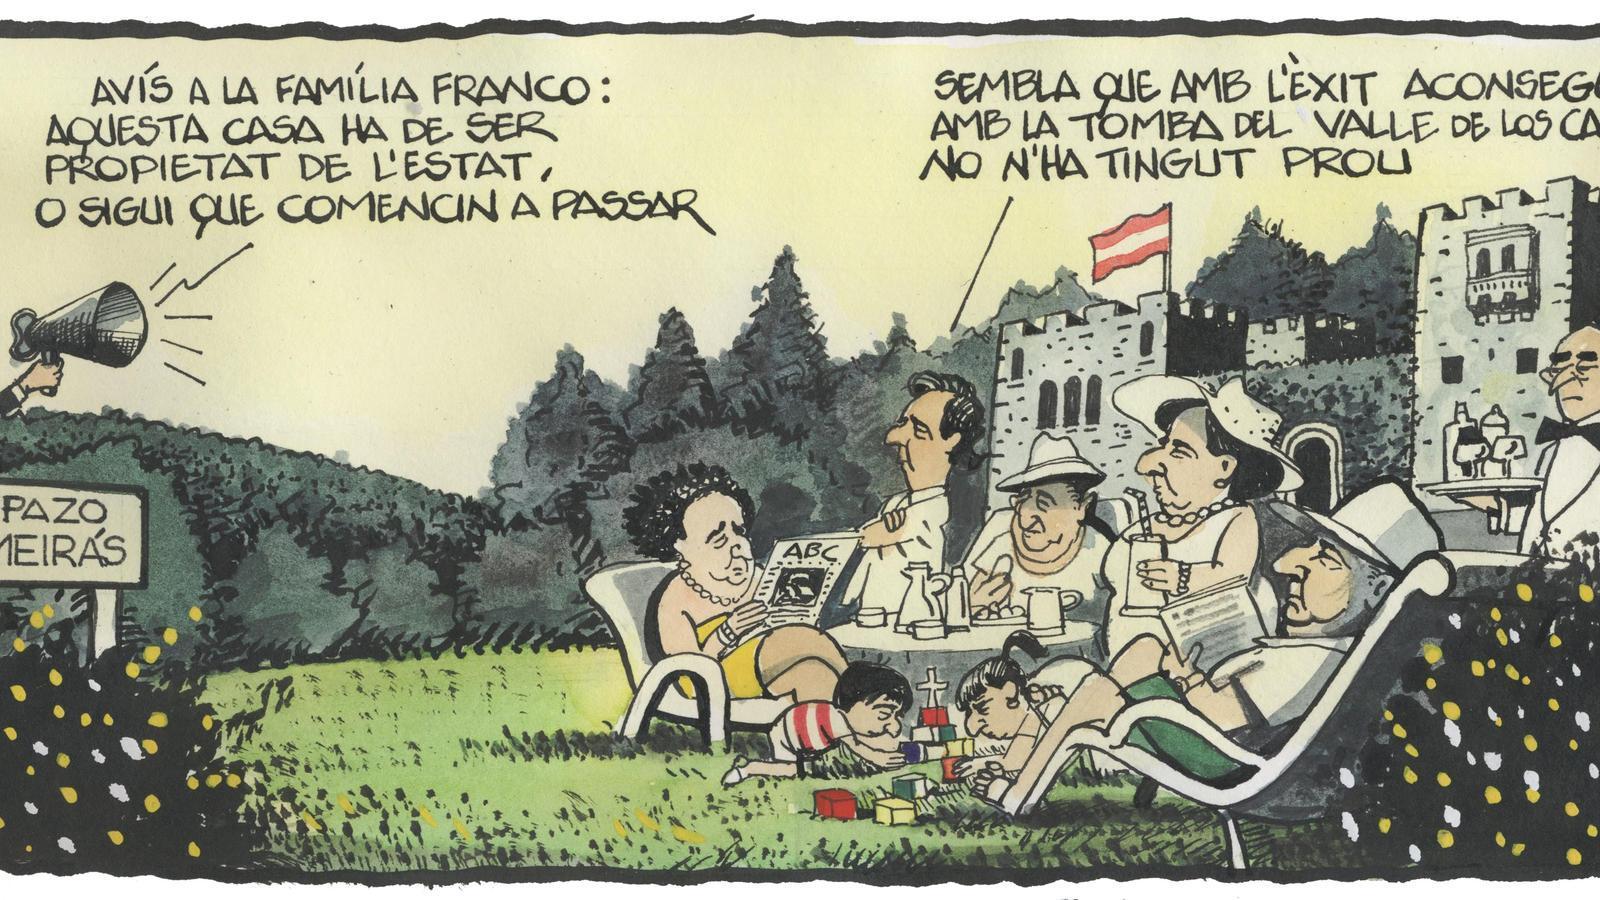 'A la contra', per Ferreres 22/07/2019